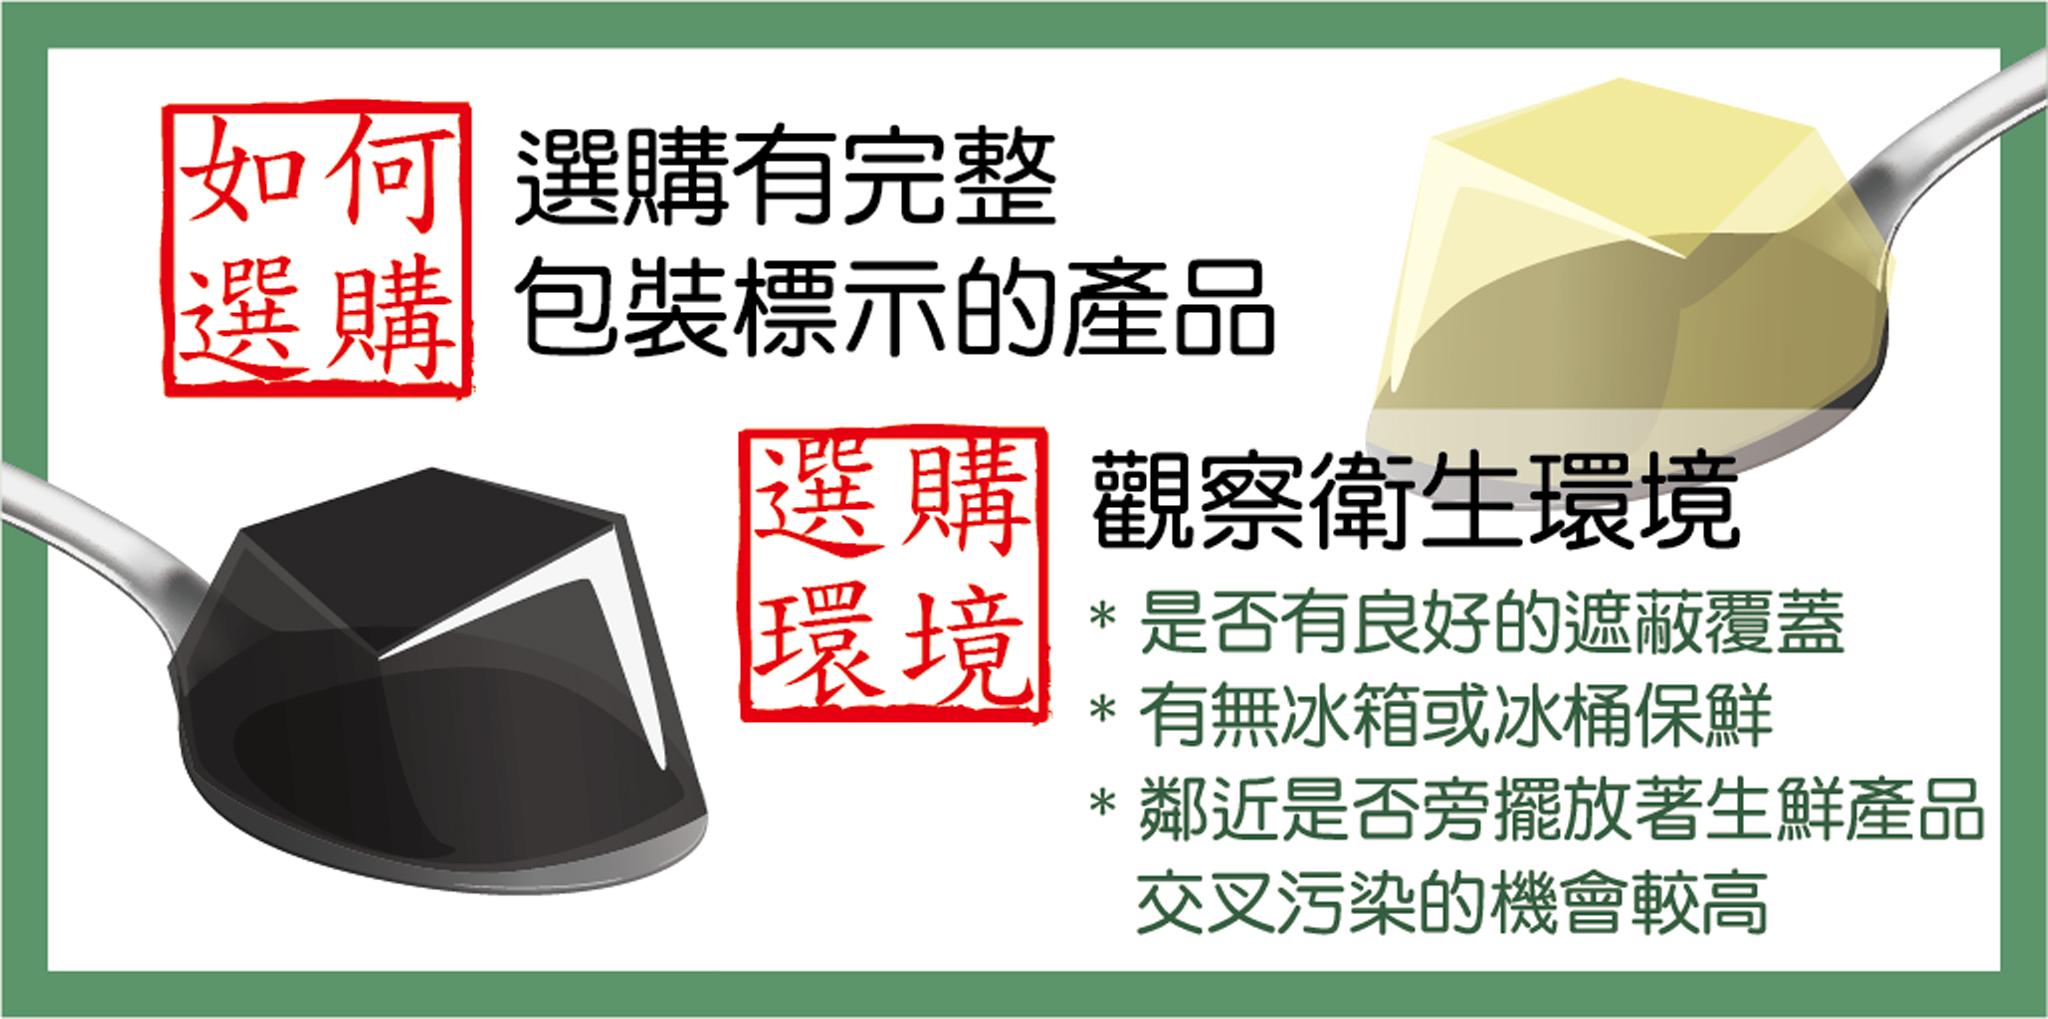 選購愛玉及仙草,最好選擇包裝標示完整的產品。